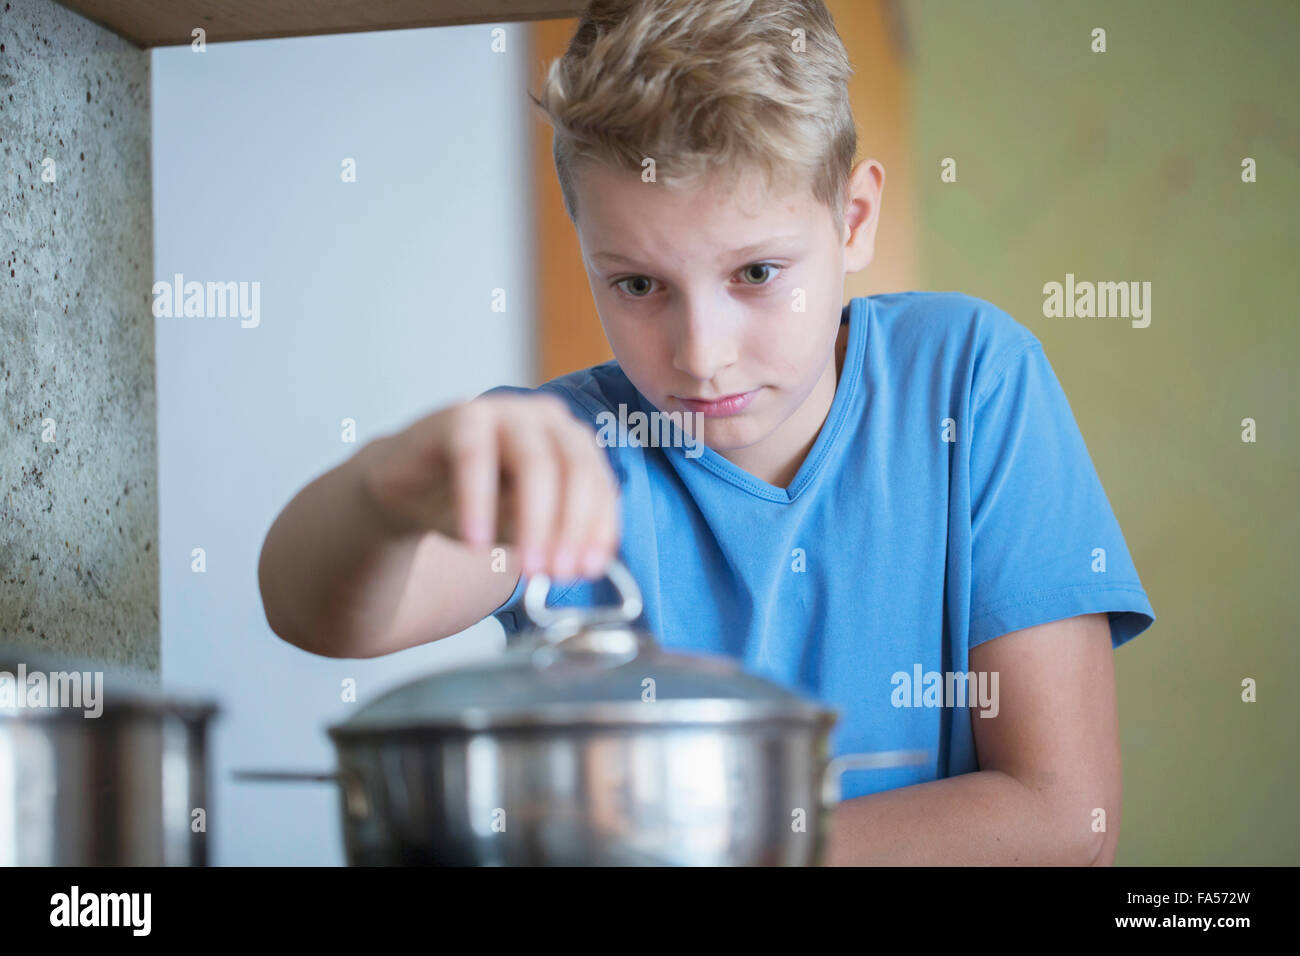 Ouverture de porte garçon plat de cuisson soigneusement, Freiburg im Breisgau, Bade-Wurtemberg, Allemagne Photo Stock